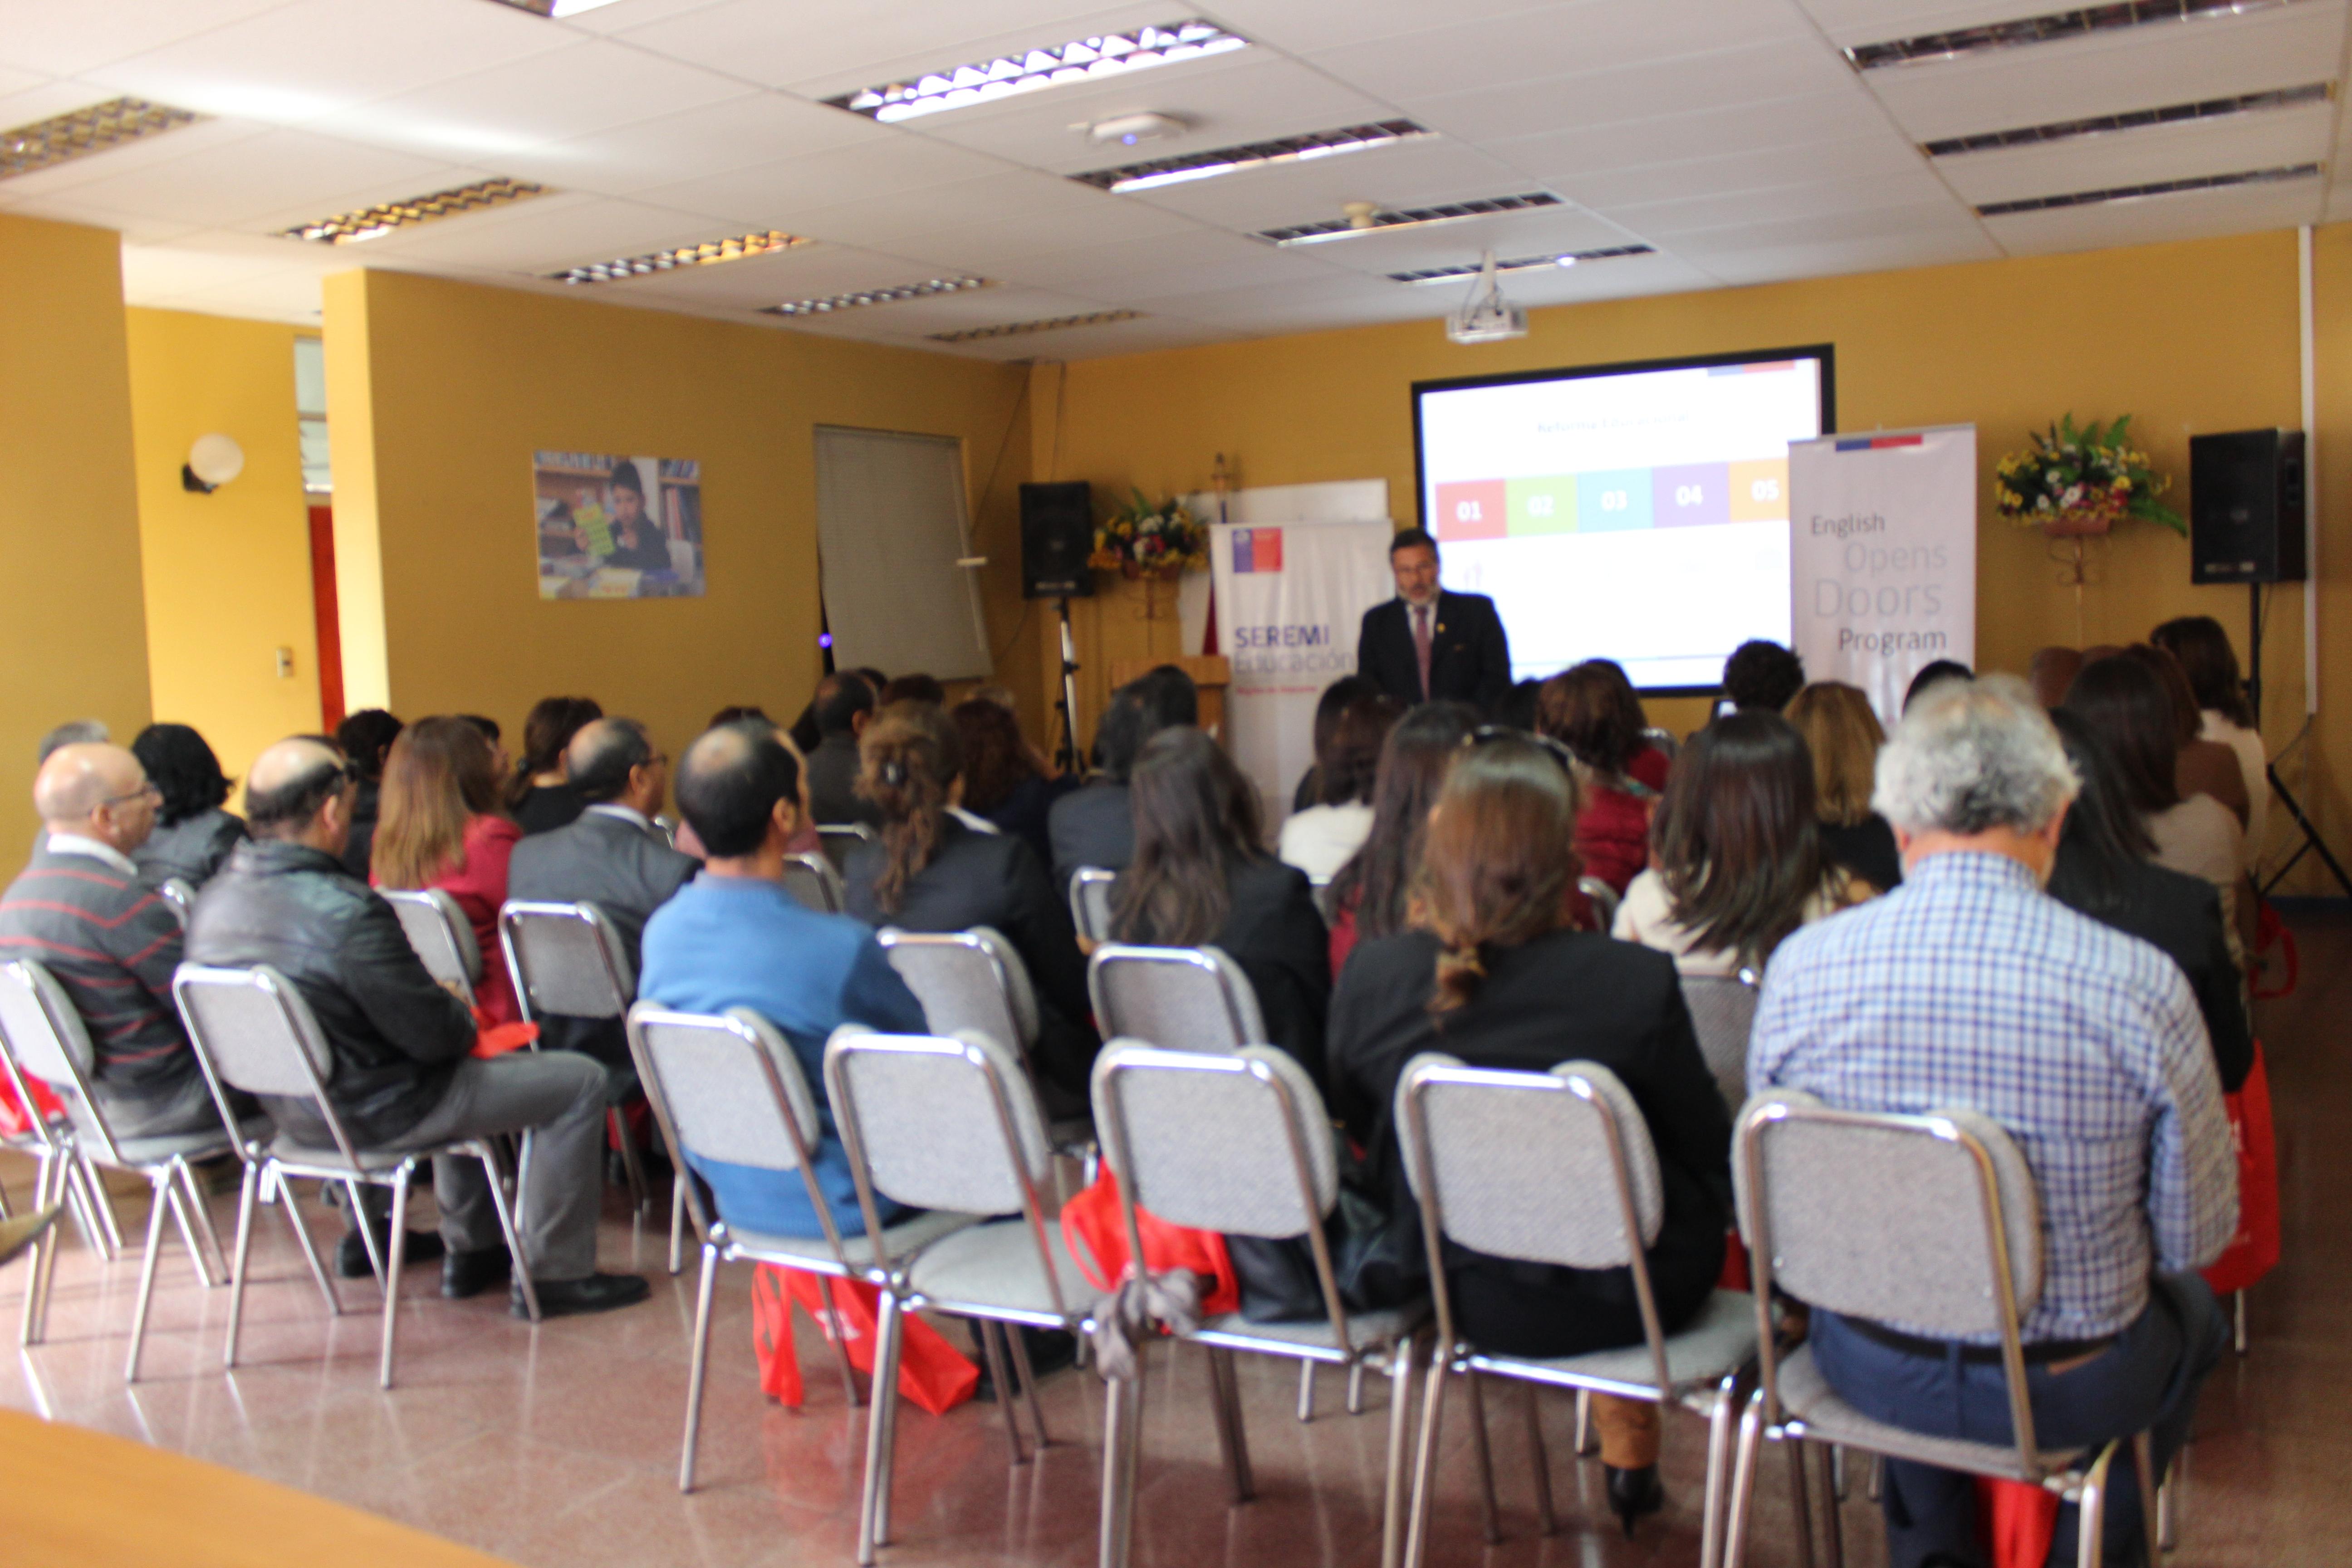 El Programa Inglés Abre Puertas este año se implementará  en la Provincia del Huasco